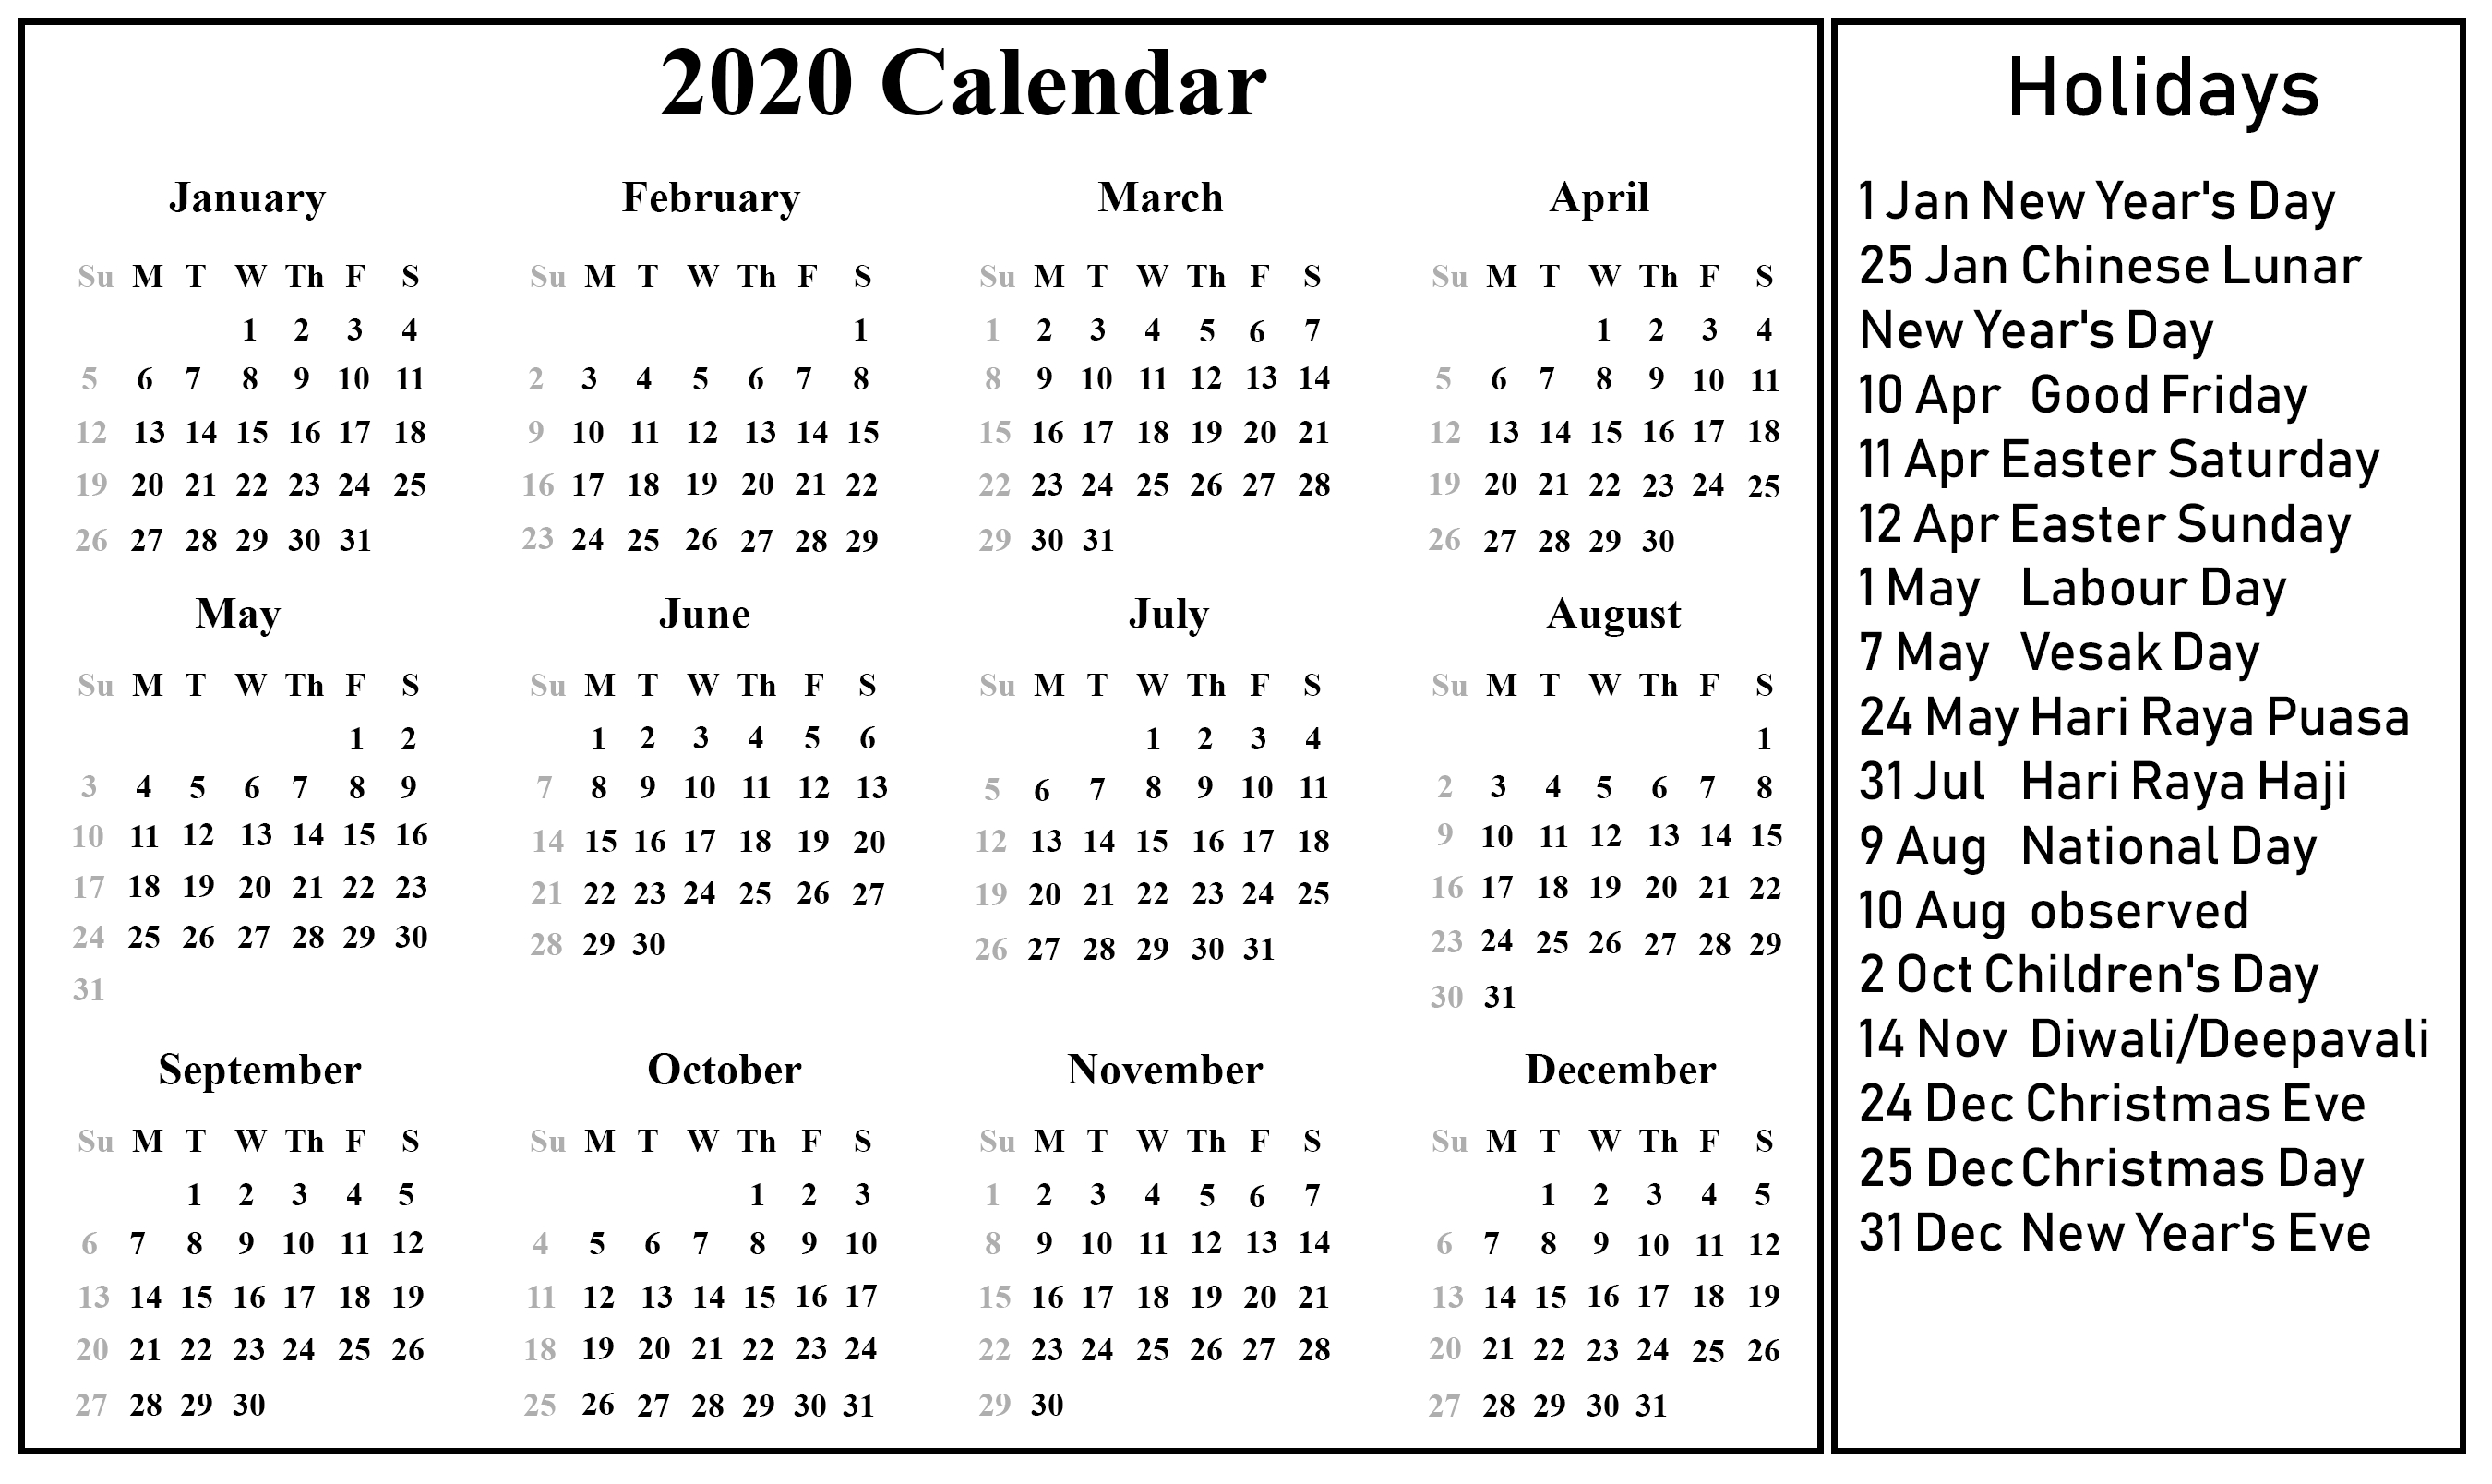 Singapore 2020 Printable Calendar | Printable Calendar inside 2020 Calendar With Holidays